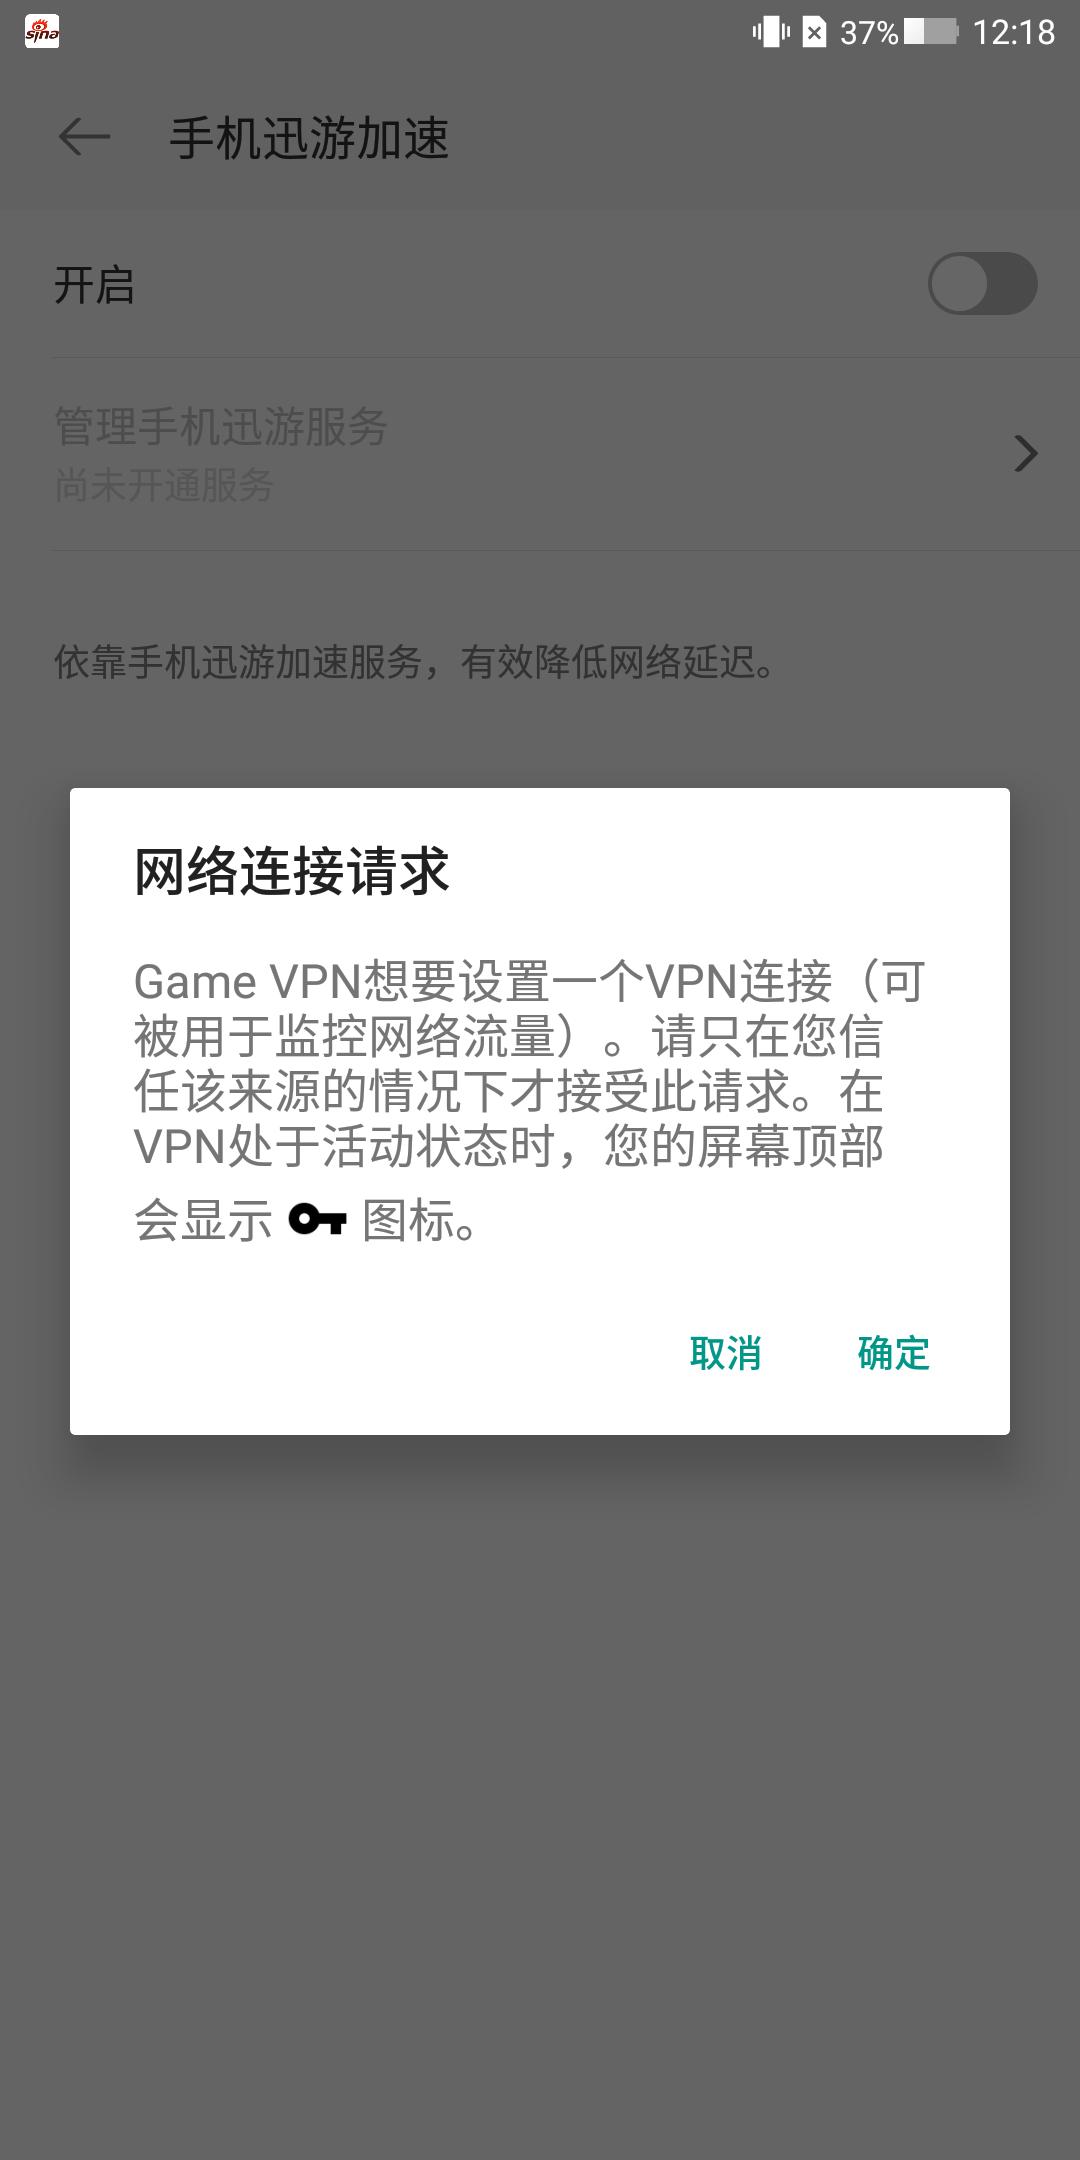 Screenshot_2018-04-27-12-18-01-600_com.android.vp.png